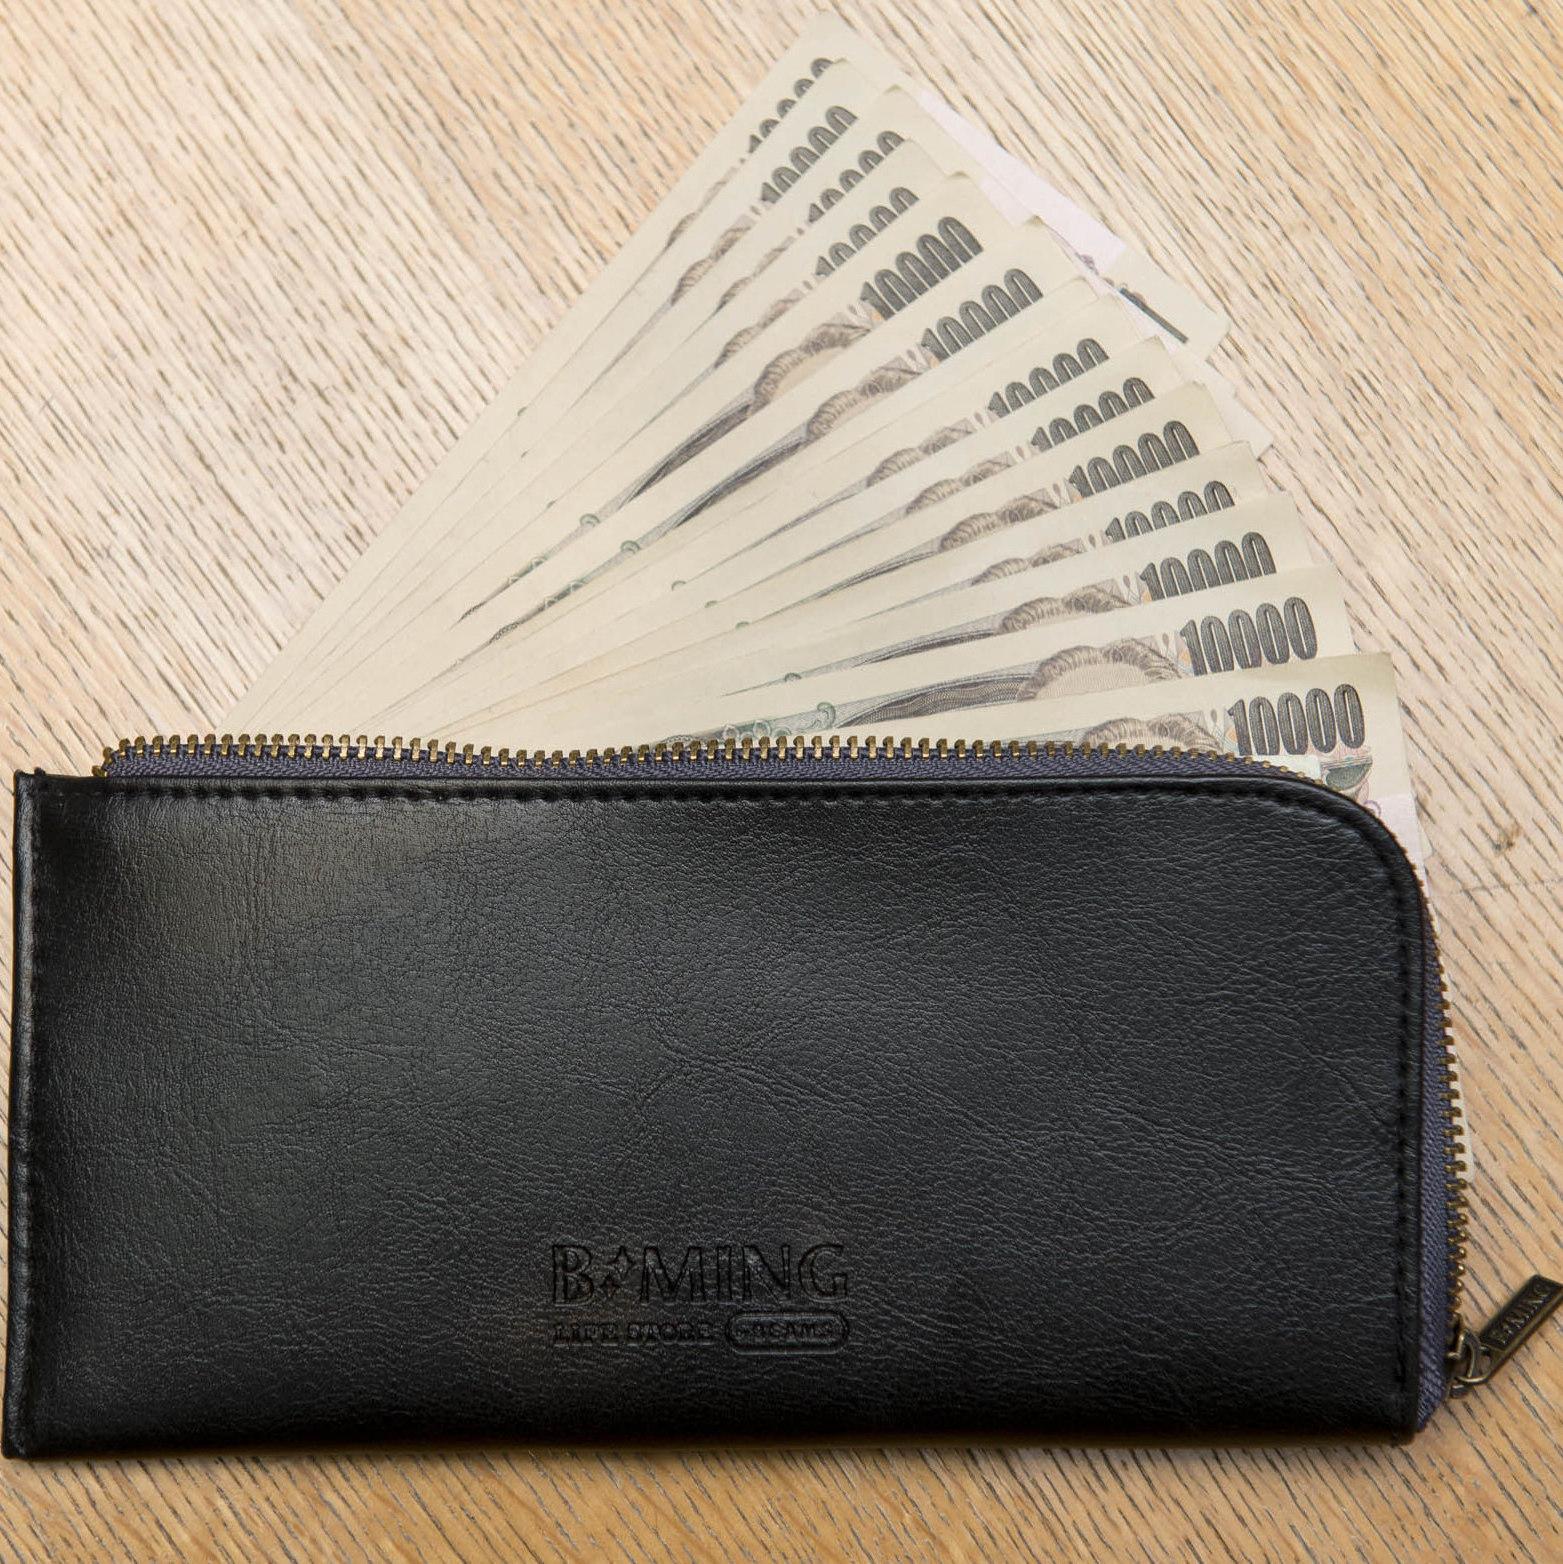 クオリティ高過ぎっっ!<br />B:MING LIFE STORE by BEAMSの<br />長財布が付録とは思えない件。